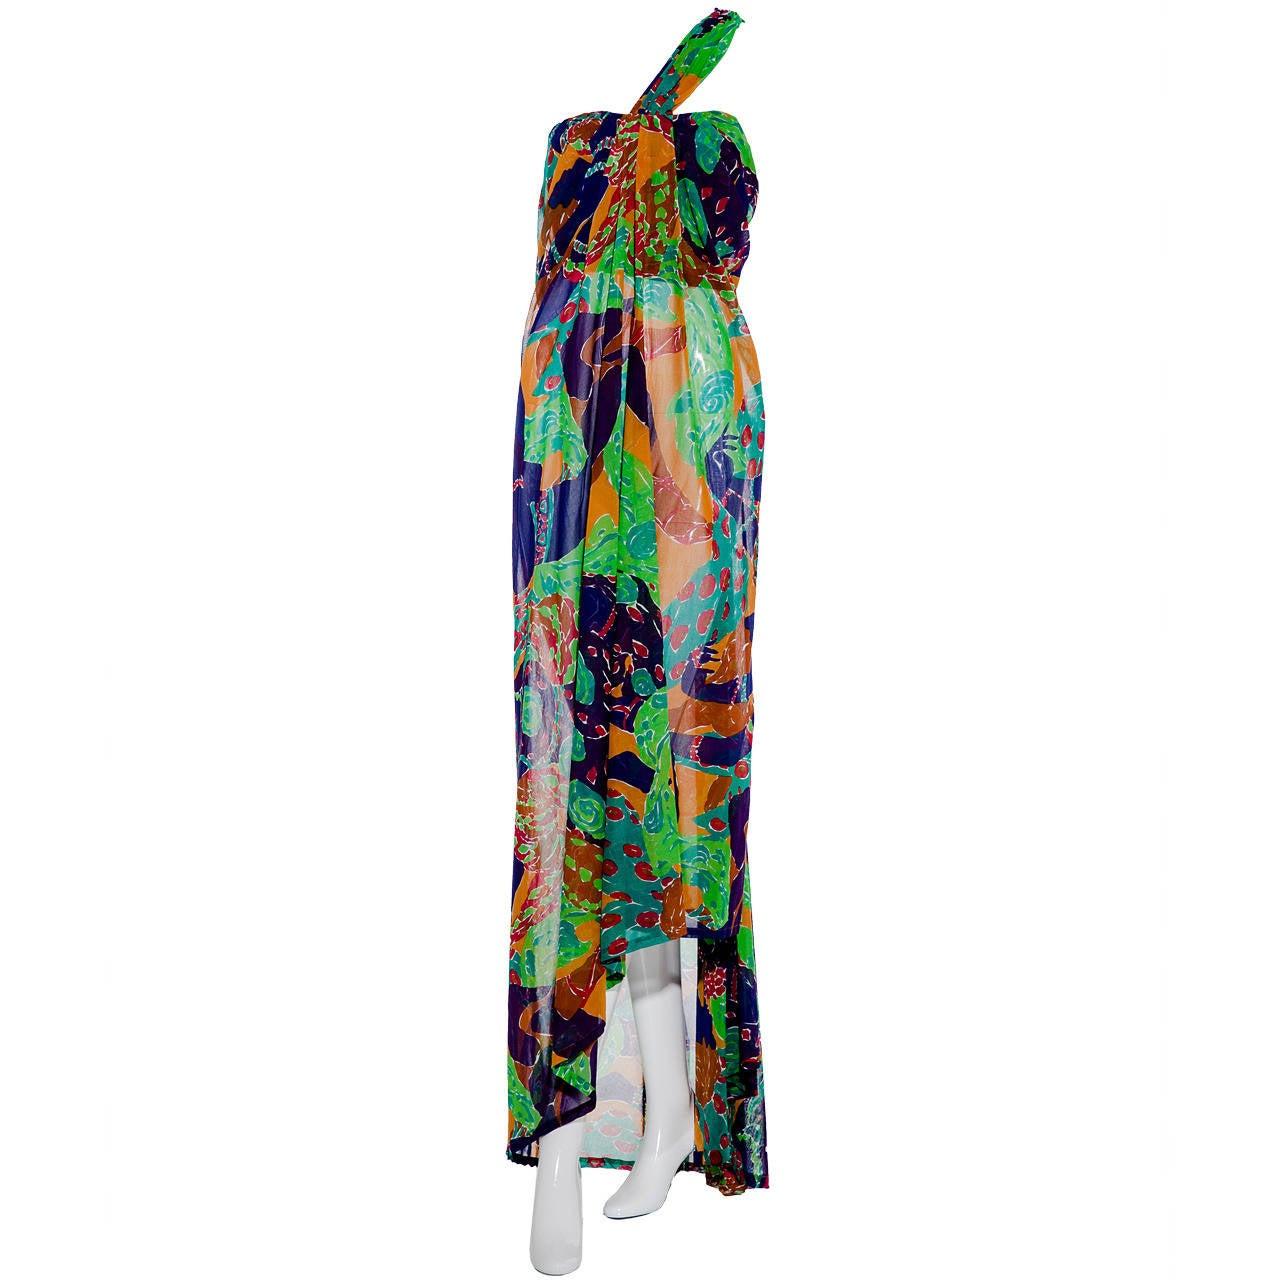 RARE 1990s Yves Saint Laurent Multi Color Cotton One Shoulder Dress Leon Bakst